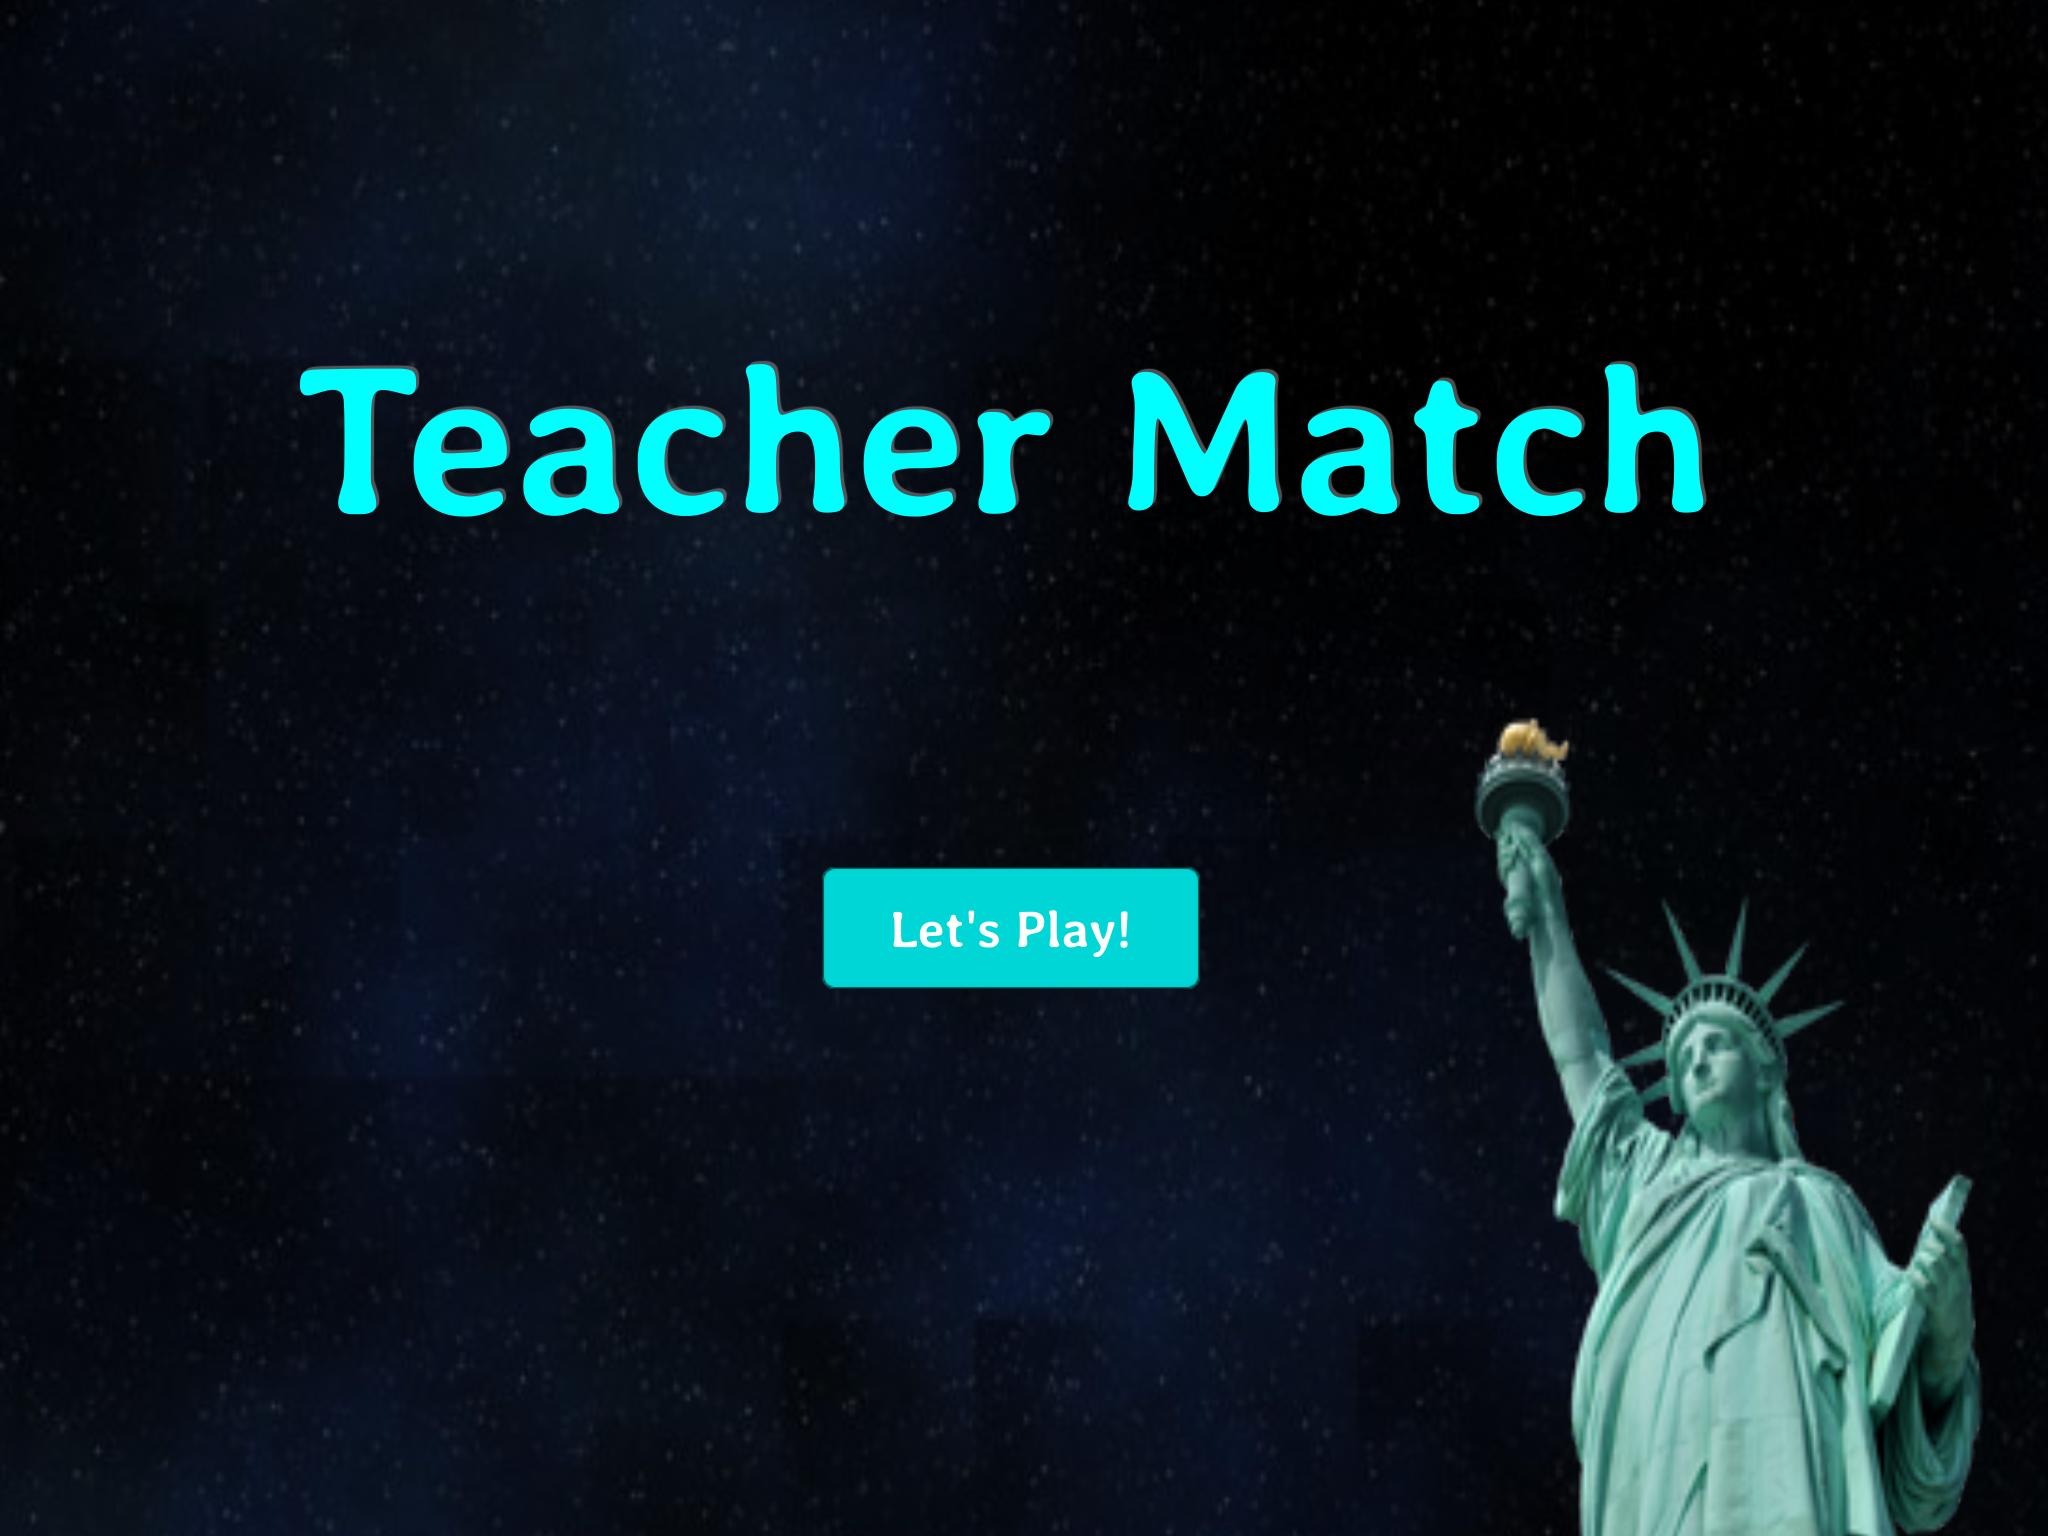 Teacher Match